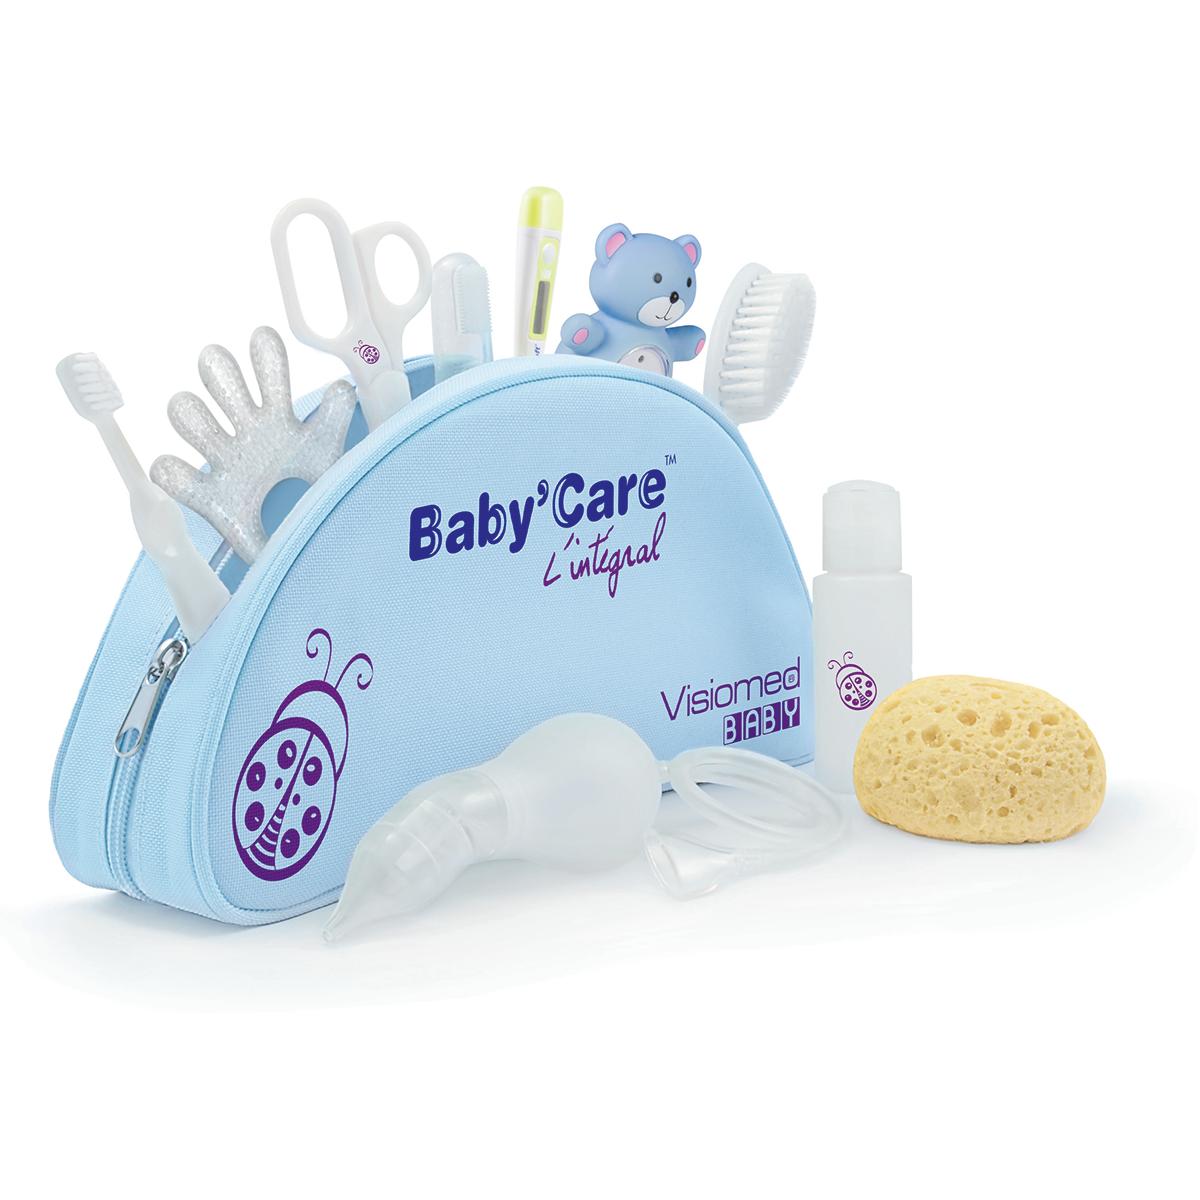 Soins enfant Trousse de Soins Babycare L'intégral 10 accessoires Trousse de Soins Babycare L'intégral 10 accessoires